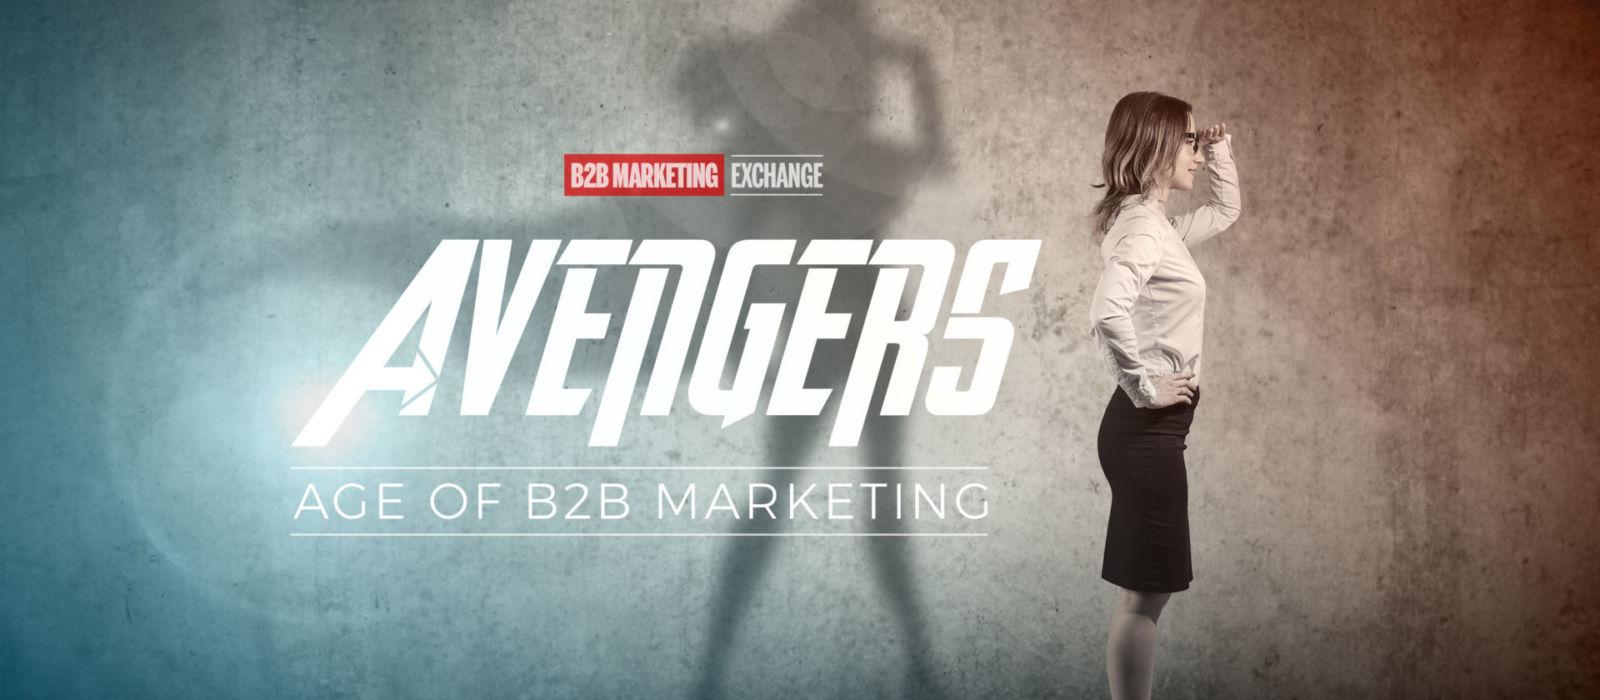 b2bmx_-_avengers_-_blog_image